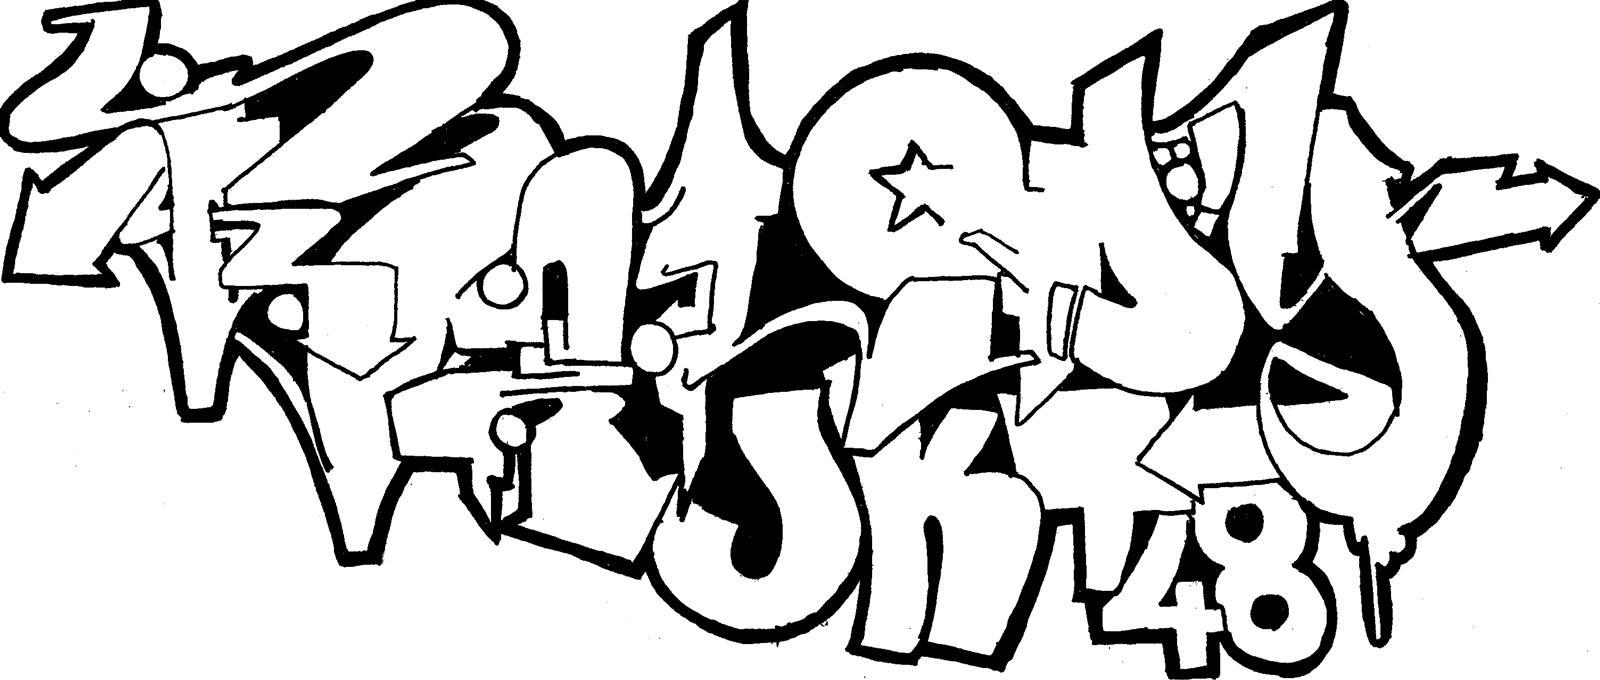 Yuk pacu kreatifitasmu dengan mewarnai sketsa graffiti ini Unduh resolusi besar gambar ini disini Thanks